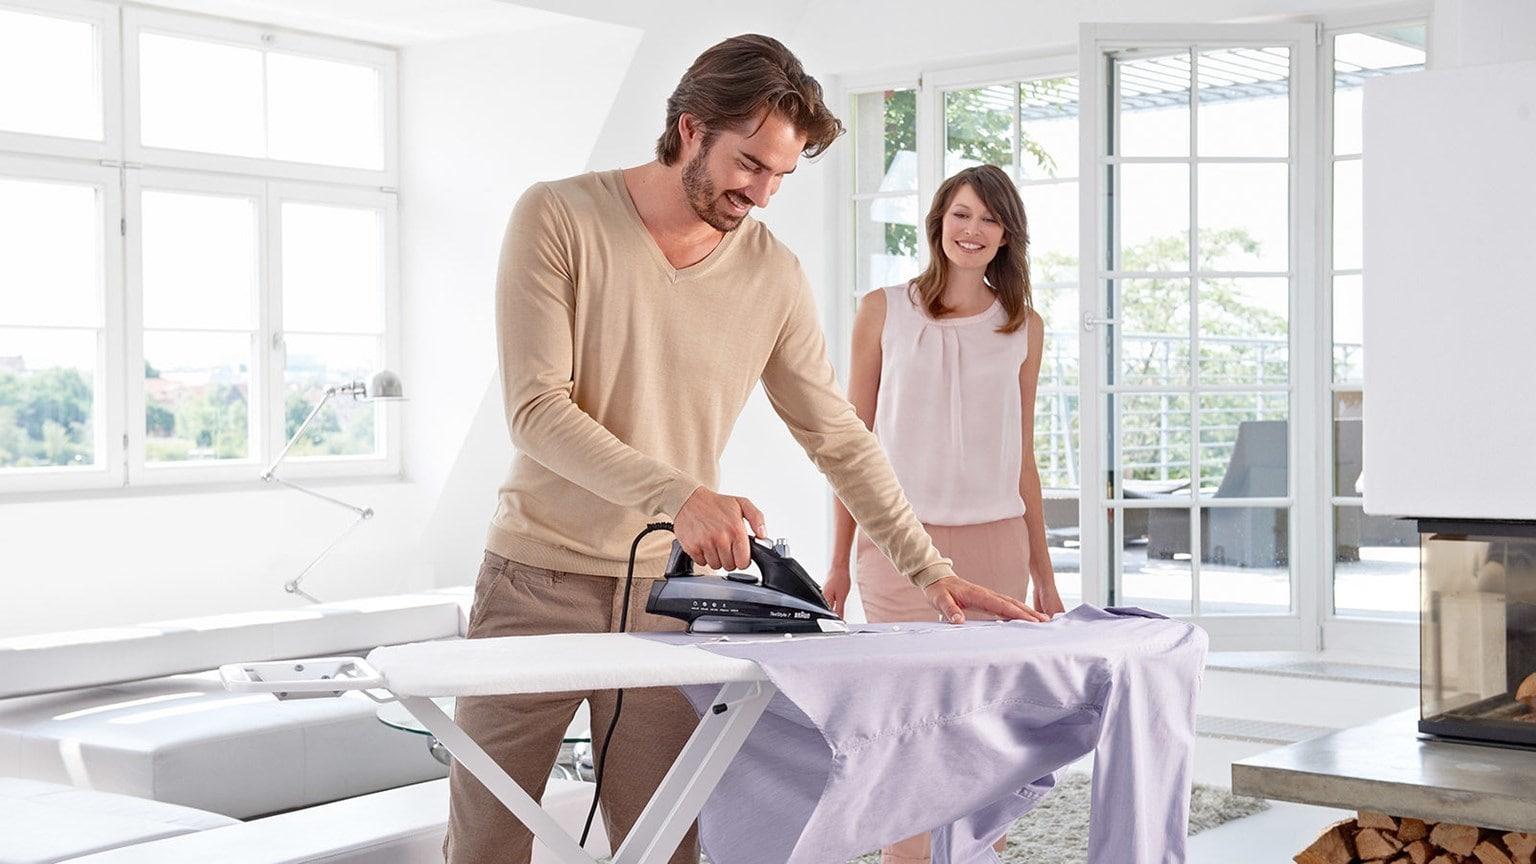 prasowanie koszuli żelazkiem parowym Braun